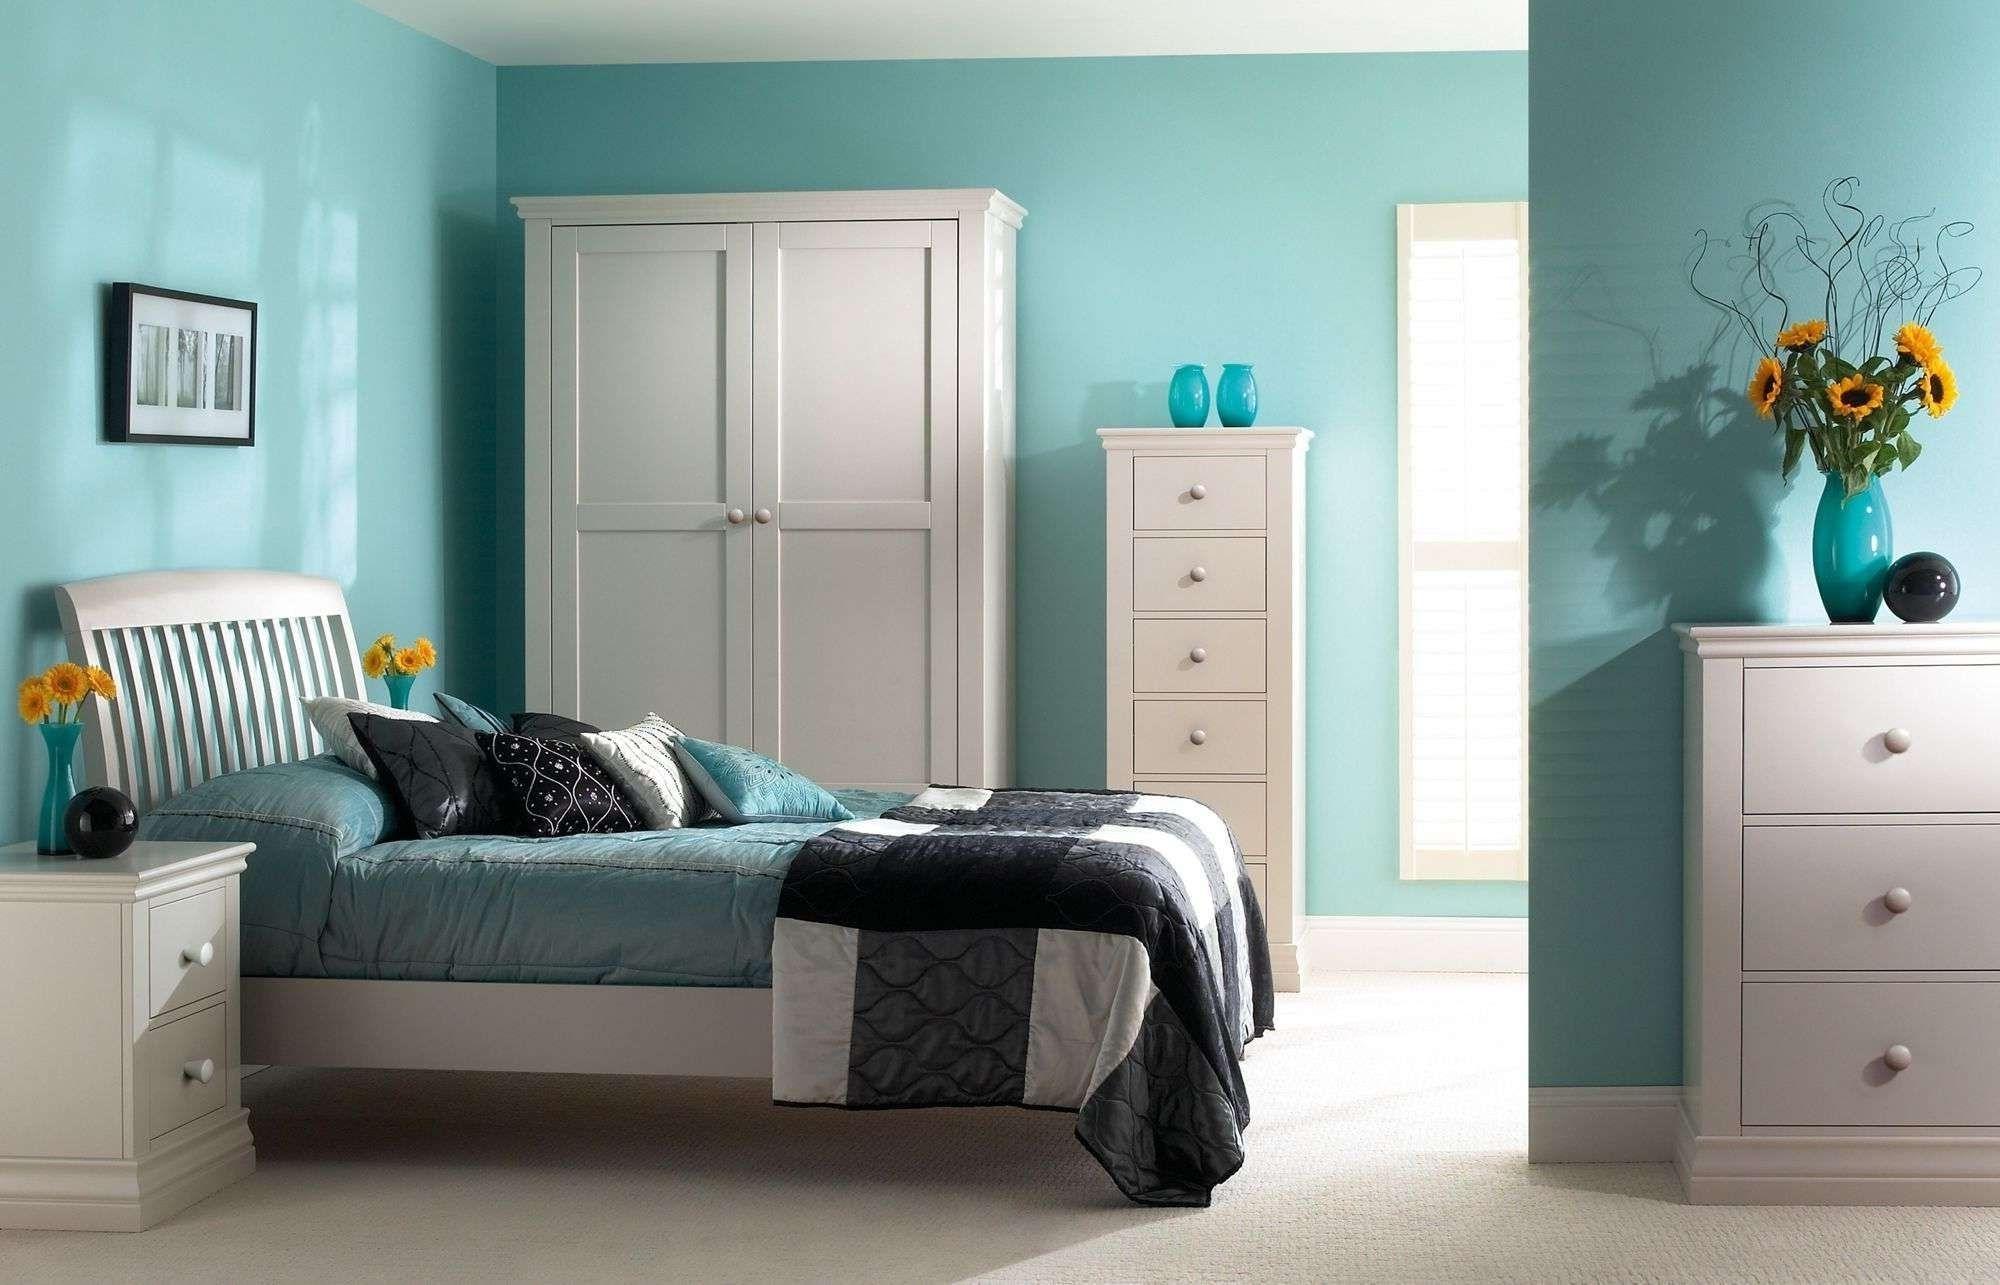 Wand Farbe Kombination Für Kleine Schlafzimmer - Schlafzimmer ...